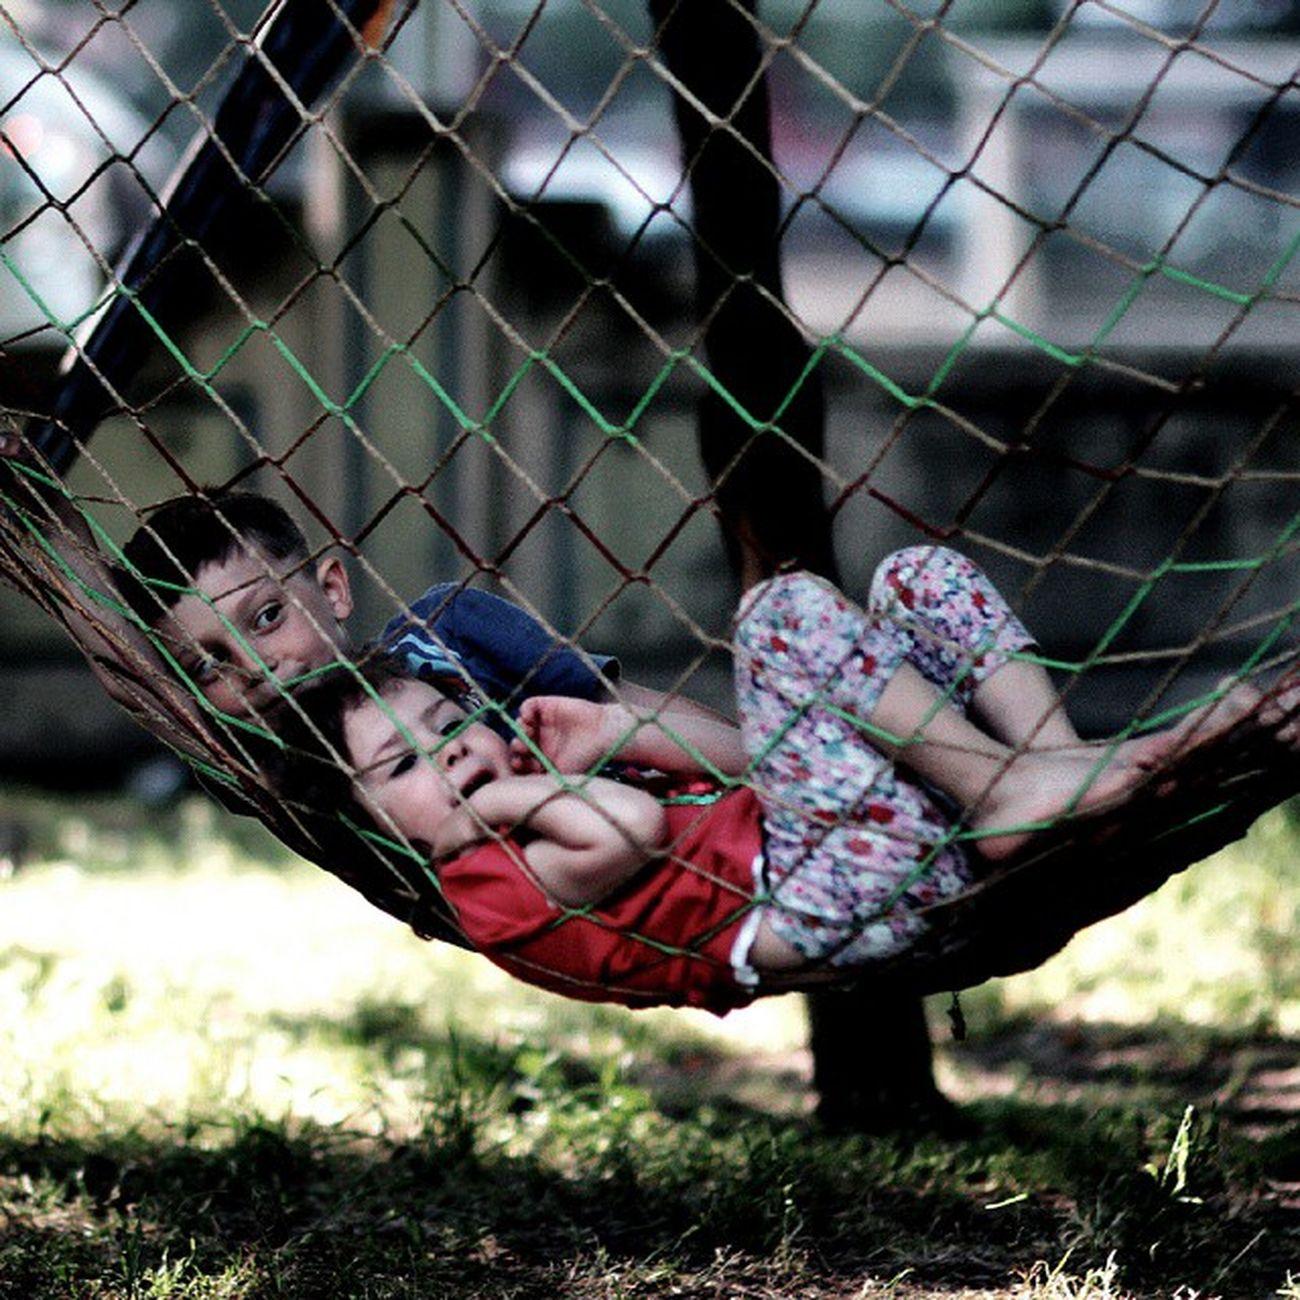 Hafta sonu keyfi - Hamaktaki çocuklar. Canon 60d f/1.8 Eyup osmanli parki Haftasonukeyfi Hamakkeyfi Cocukolmak Mutluet childs